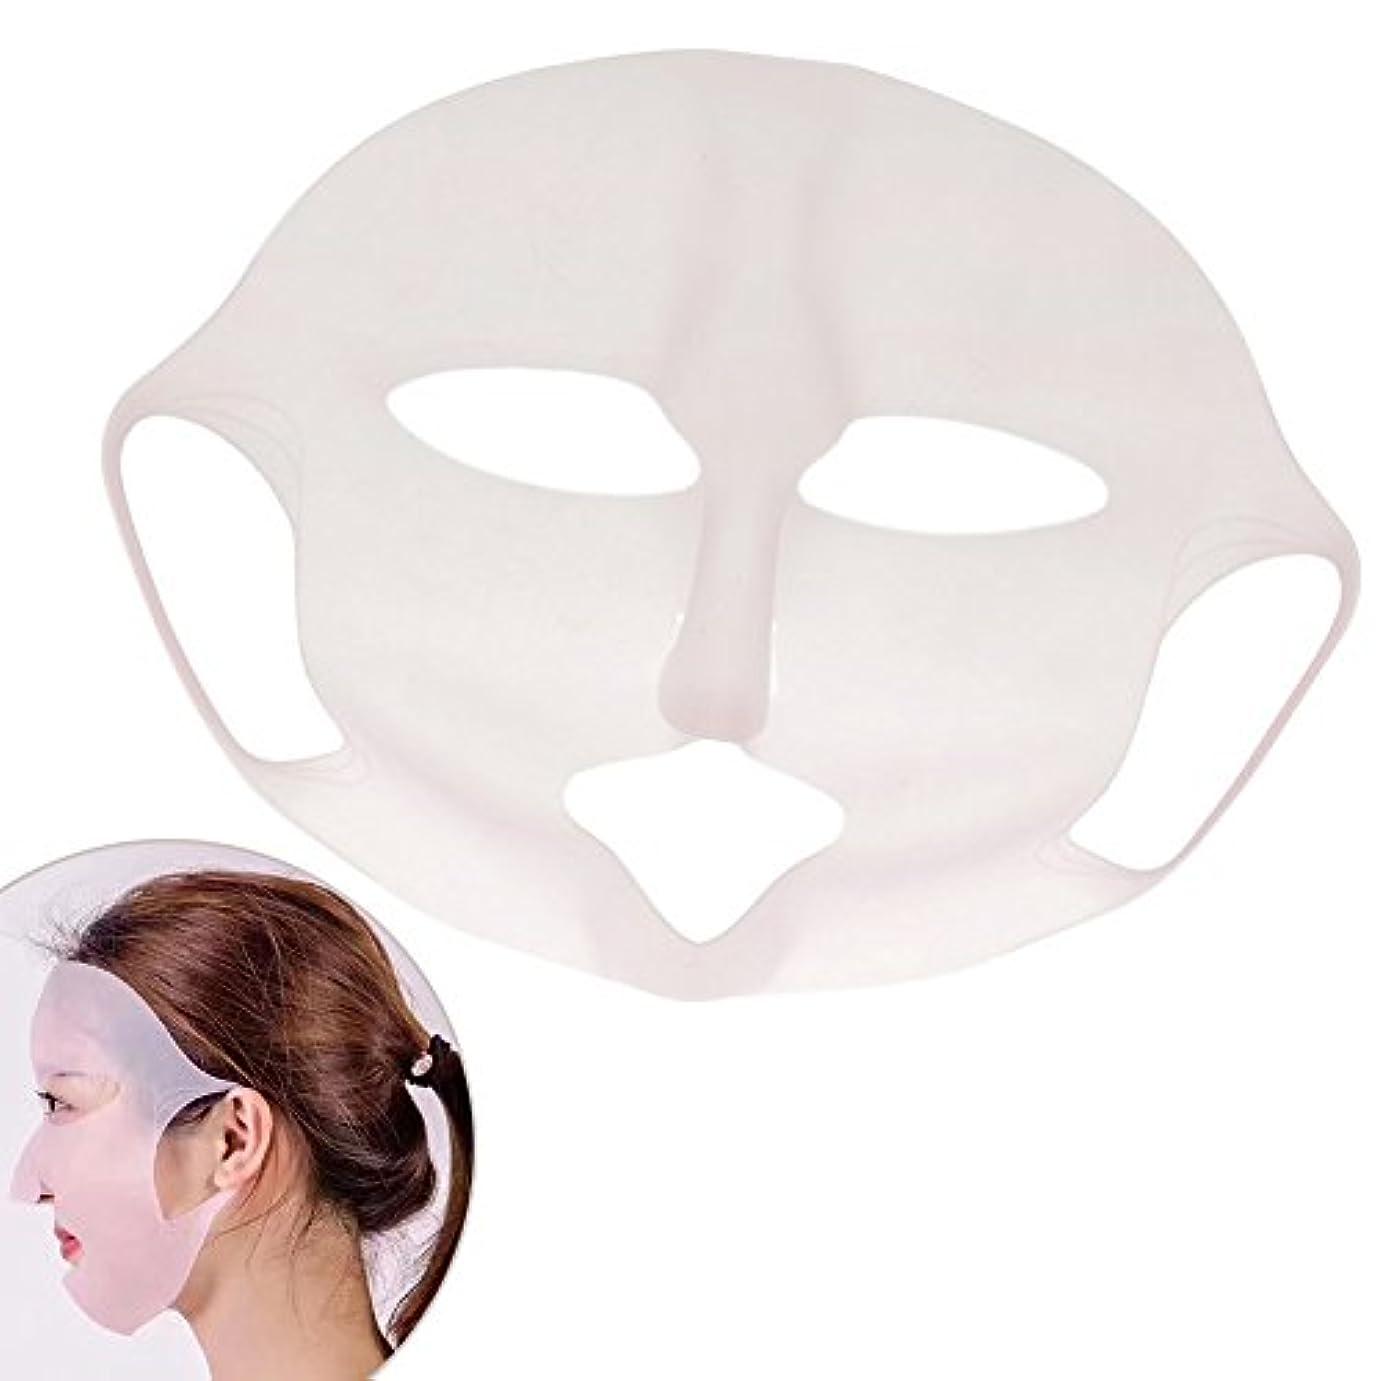 従う本能フェイスパックカバー シリコンマスク フェイスマスク 美容液 防蒸発 保湿 便利なグッズ 吸収 3枚入り 21cm